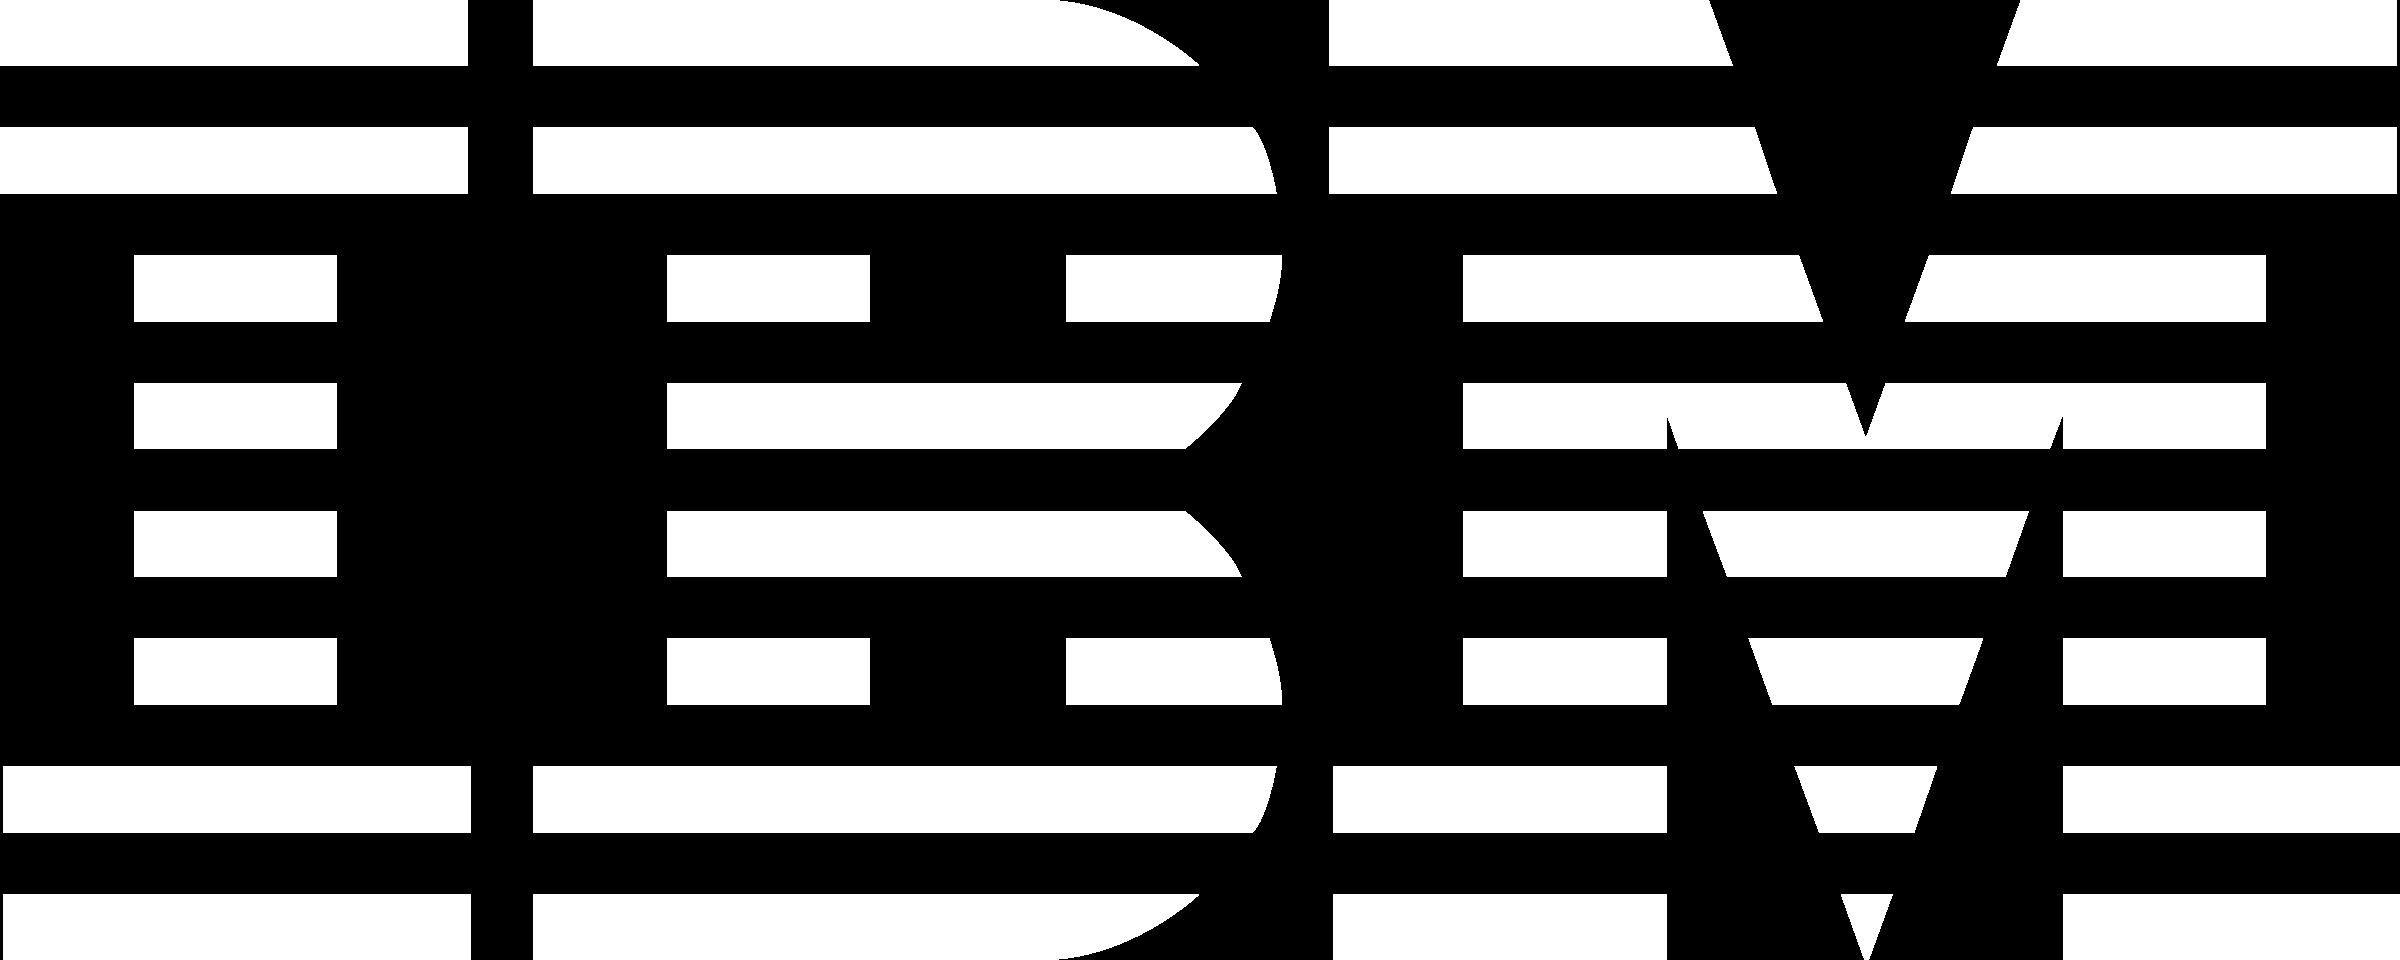 ibm-logo-black-and-white